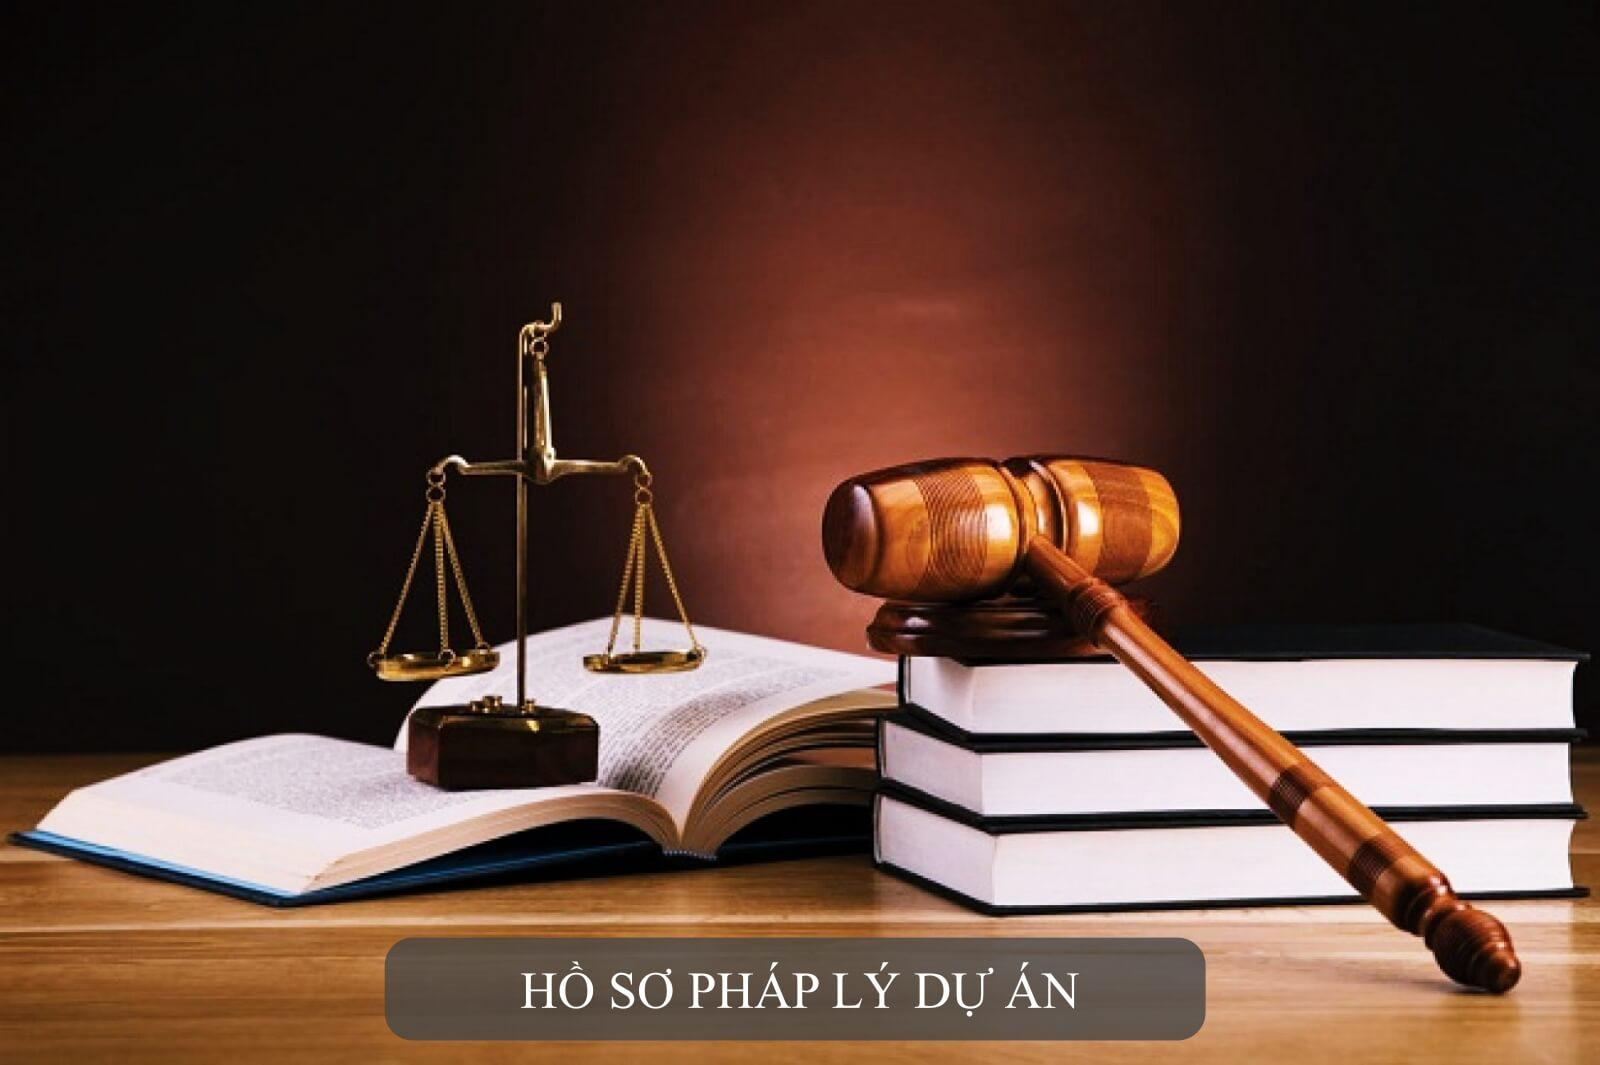 Giấy tờ pháp lý dự án King Palace Nguyễn Trãi